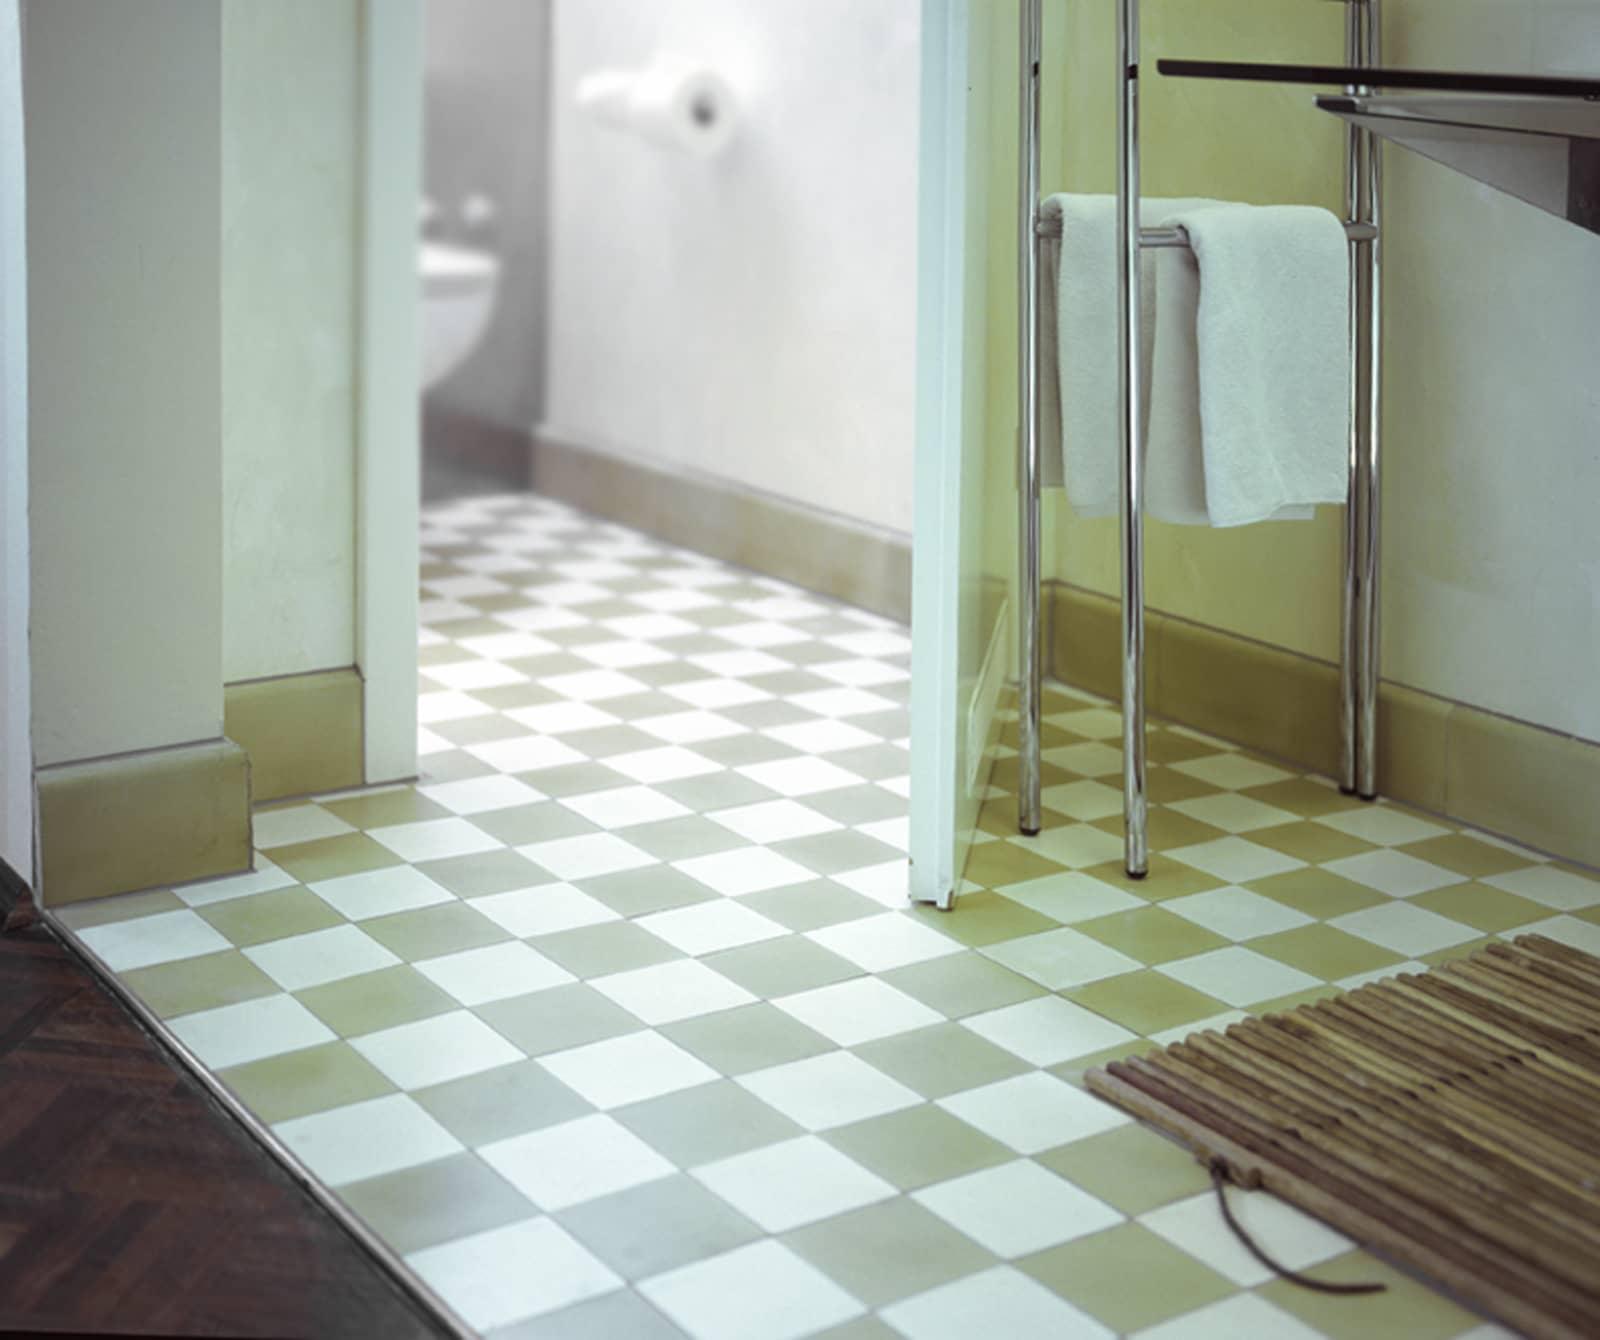 zementfliesen-terrazzofliesen-kreidefarbe-terrazzo-fugenlos-viaplatten-021-001-bad | 021